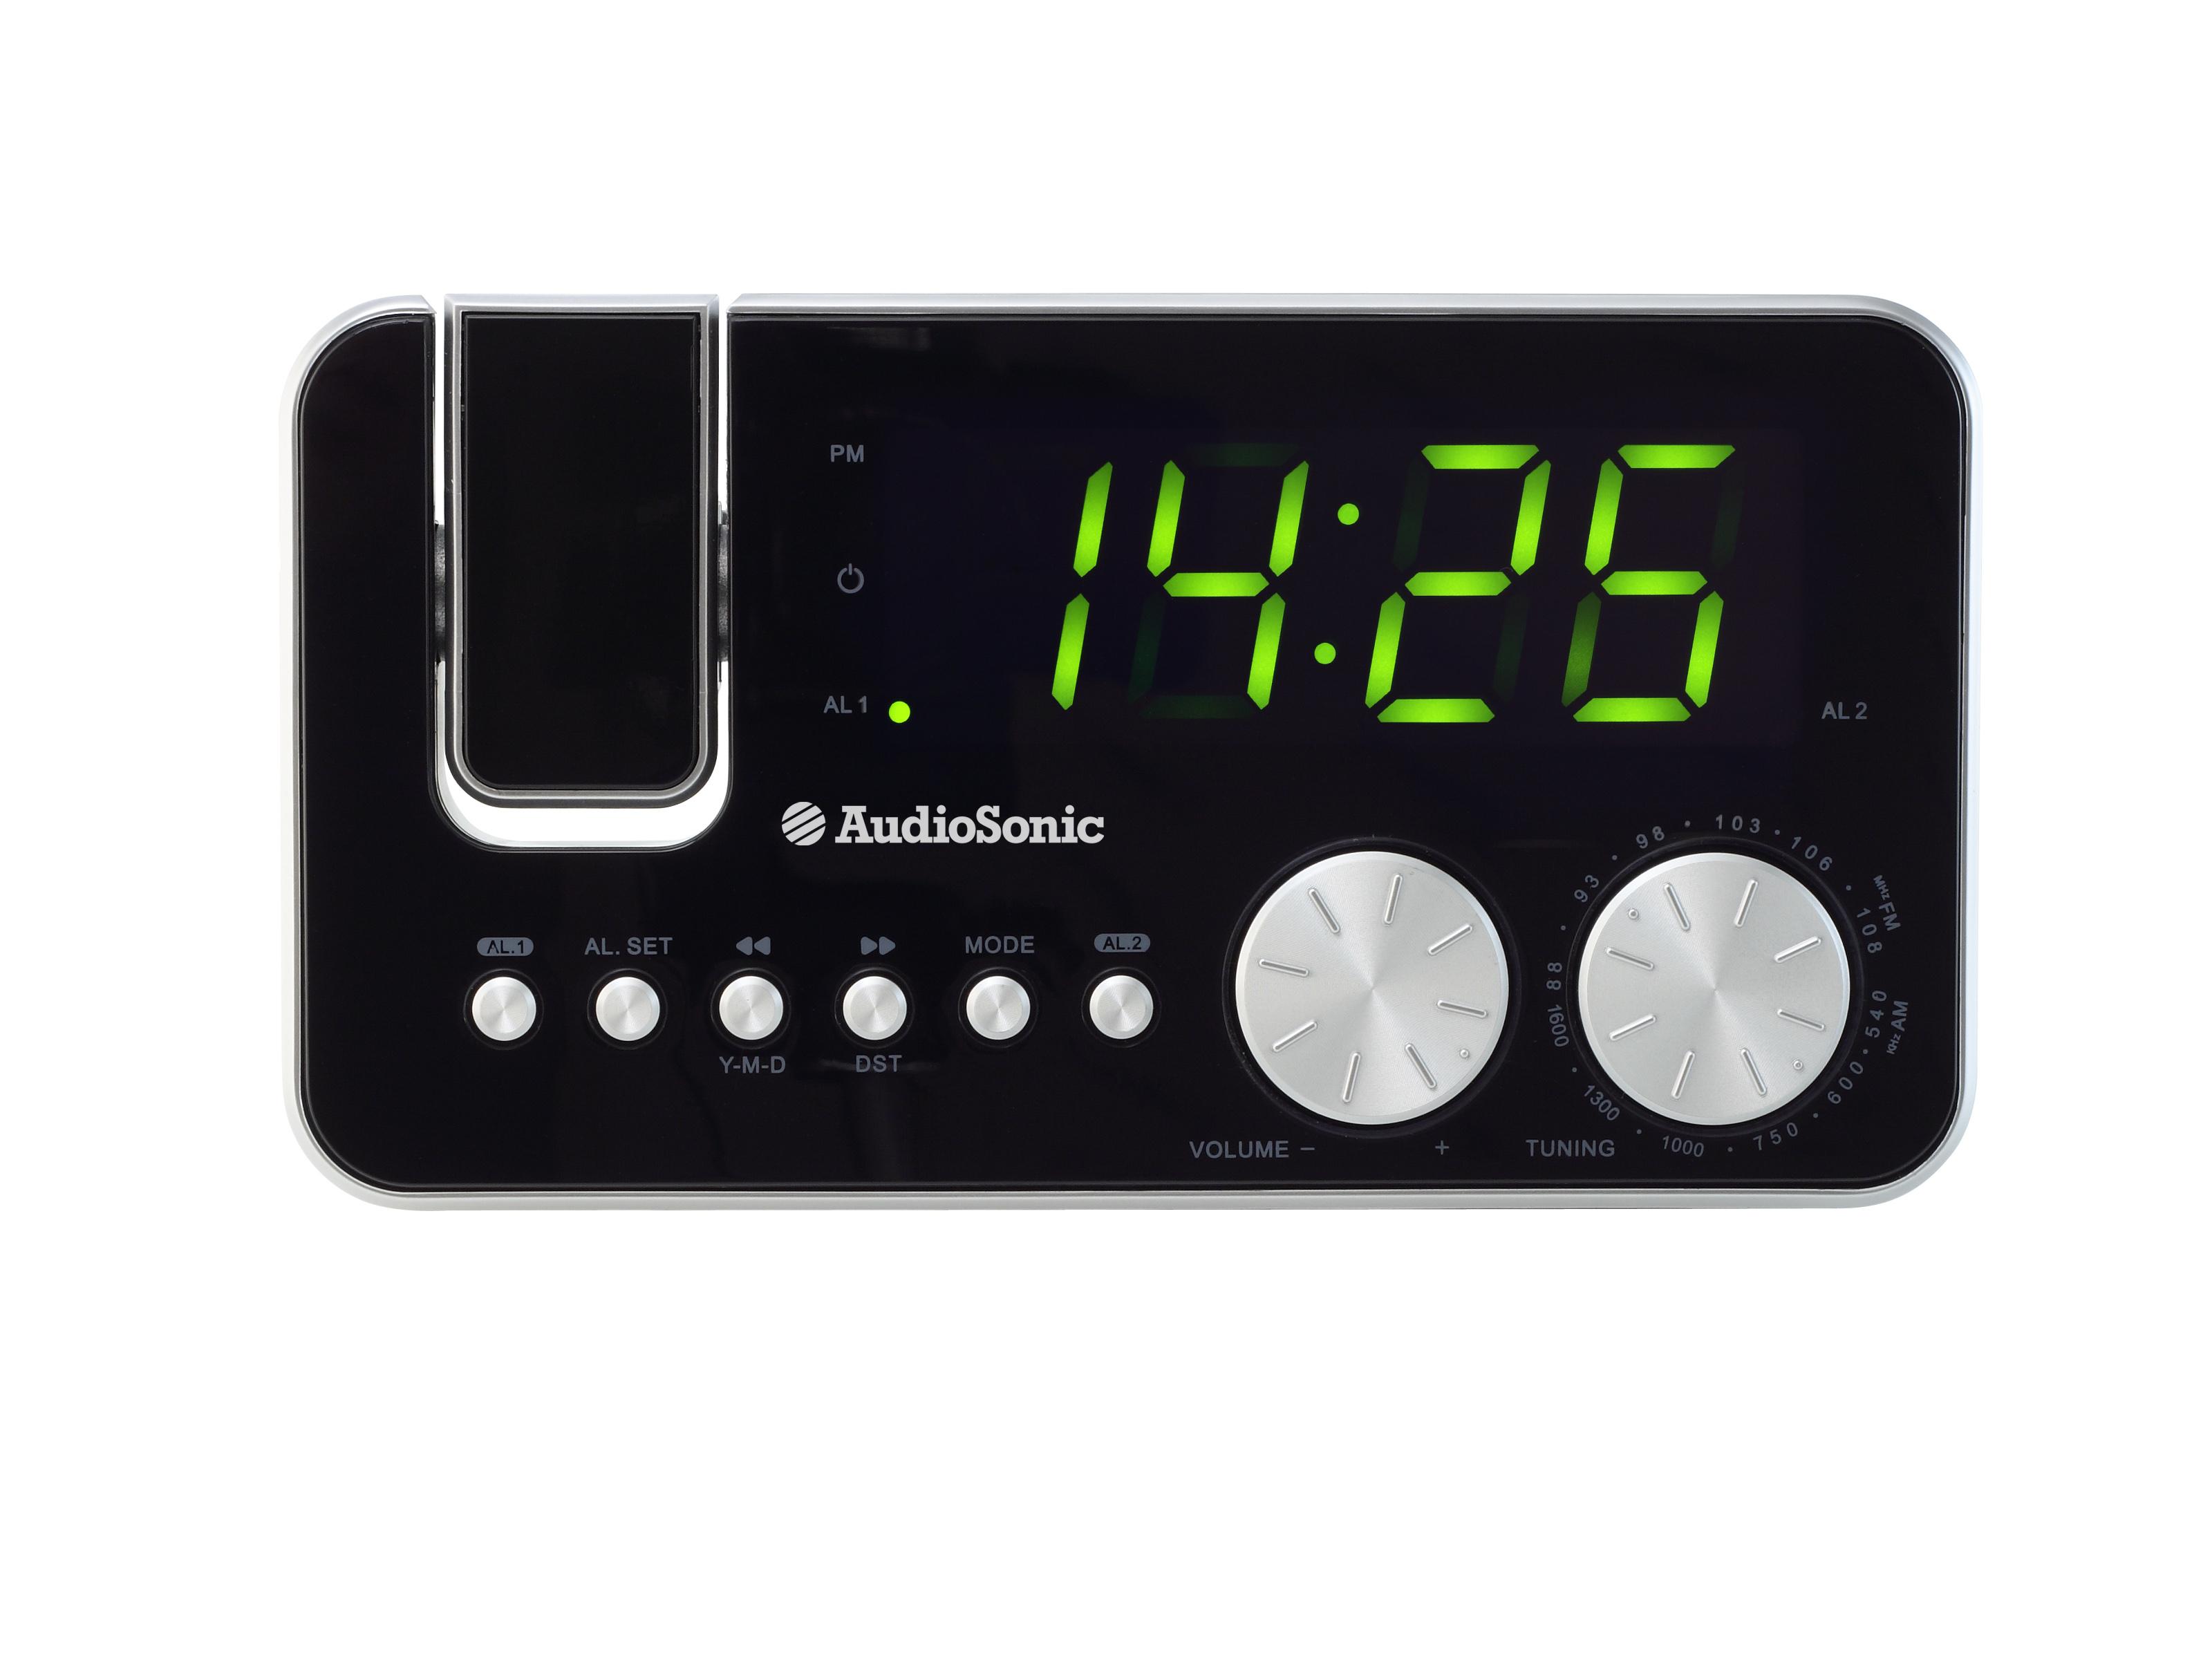 AudioSonic CL-1484 Orologio Analogico Nero, Argento radio